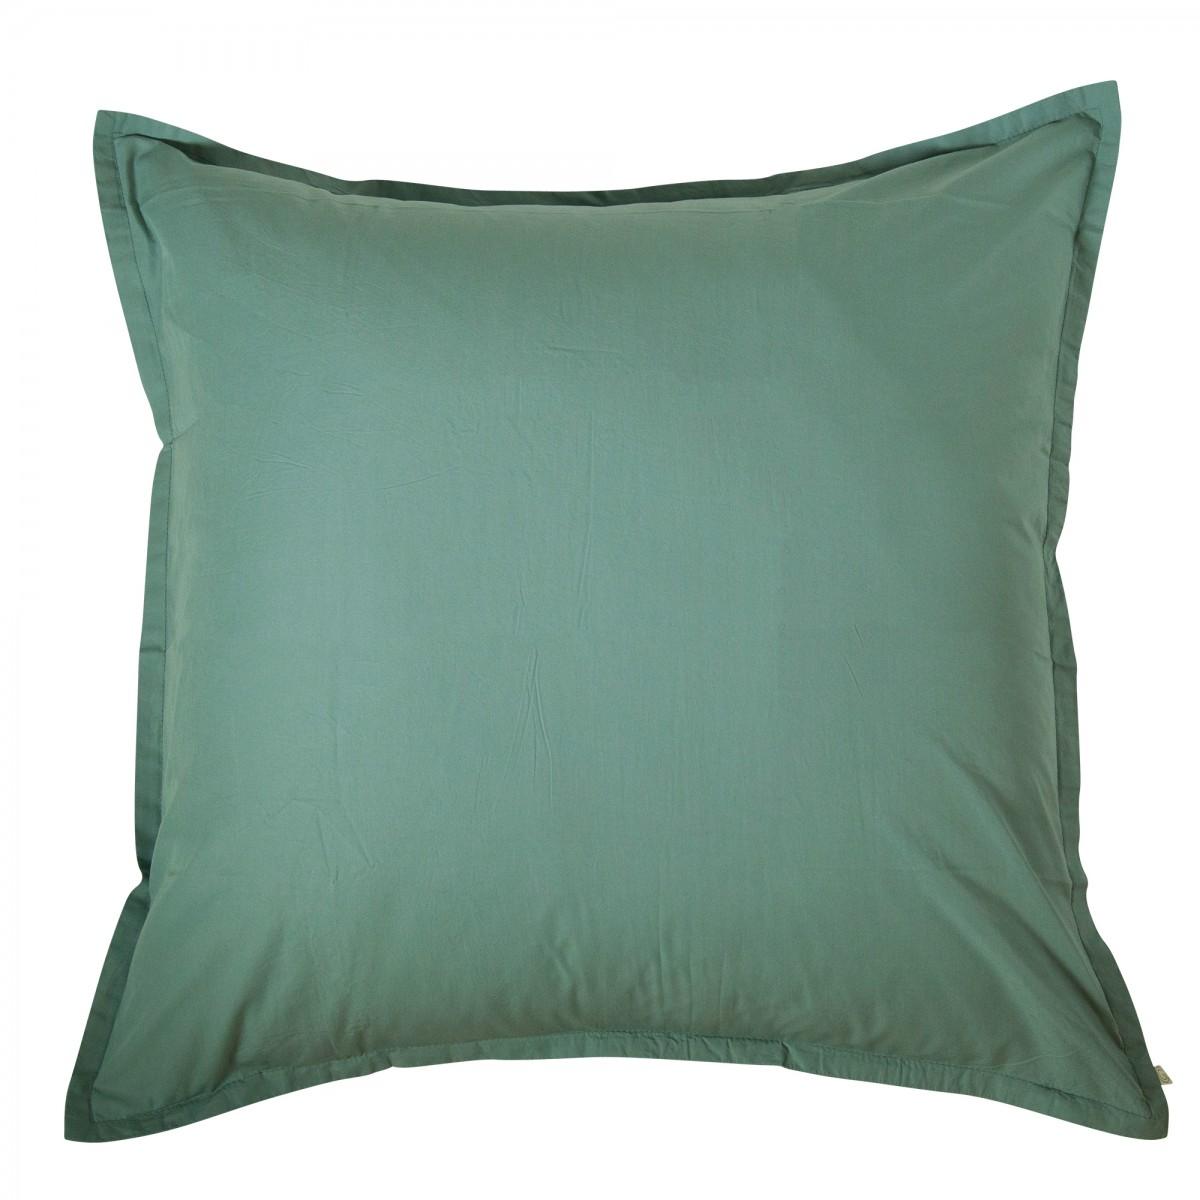 Taie d'oreiller en coton lavé vert 65x65